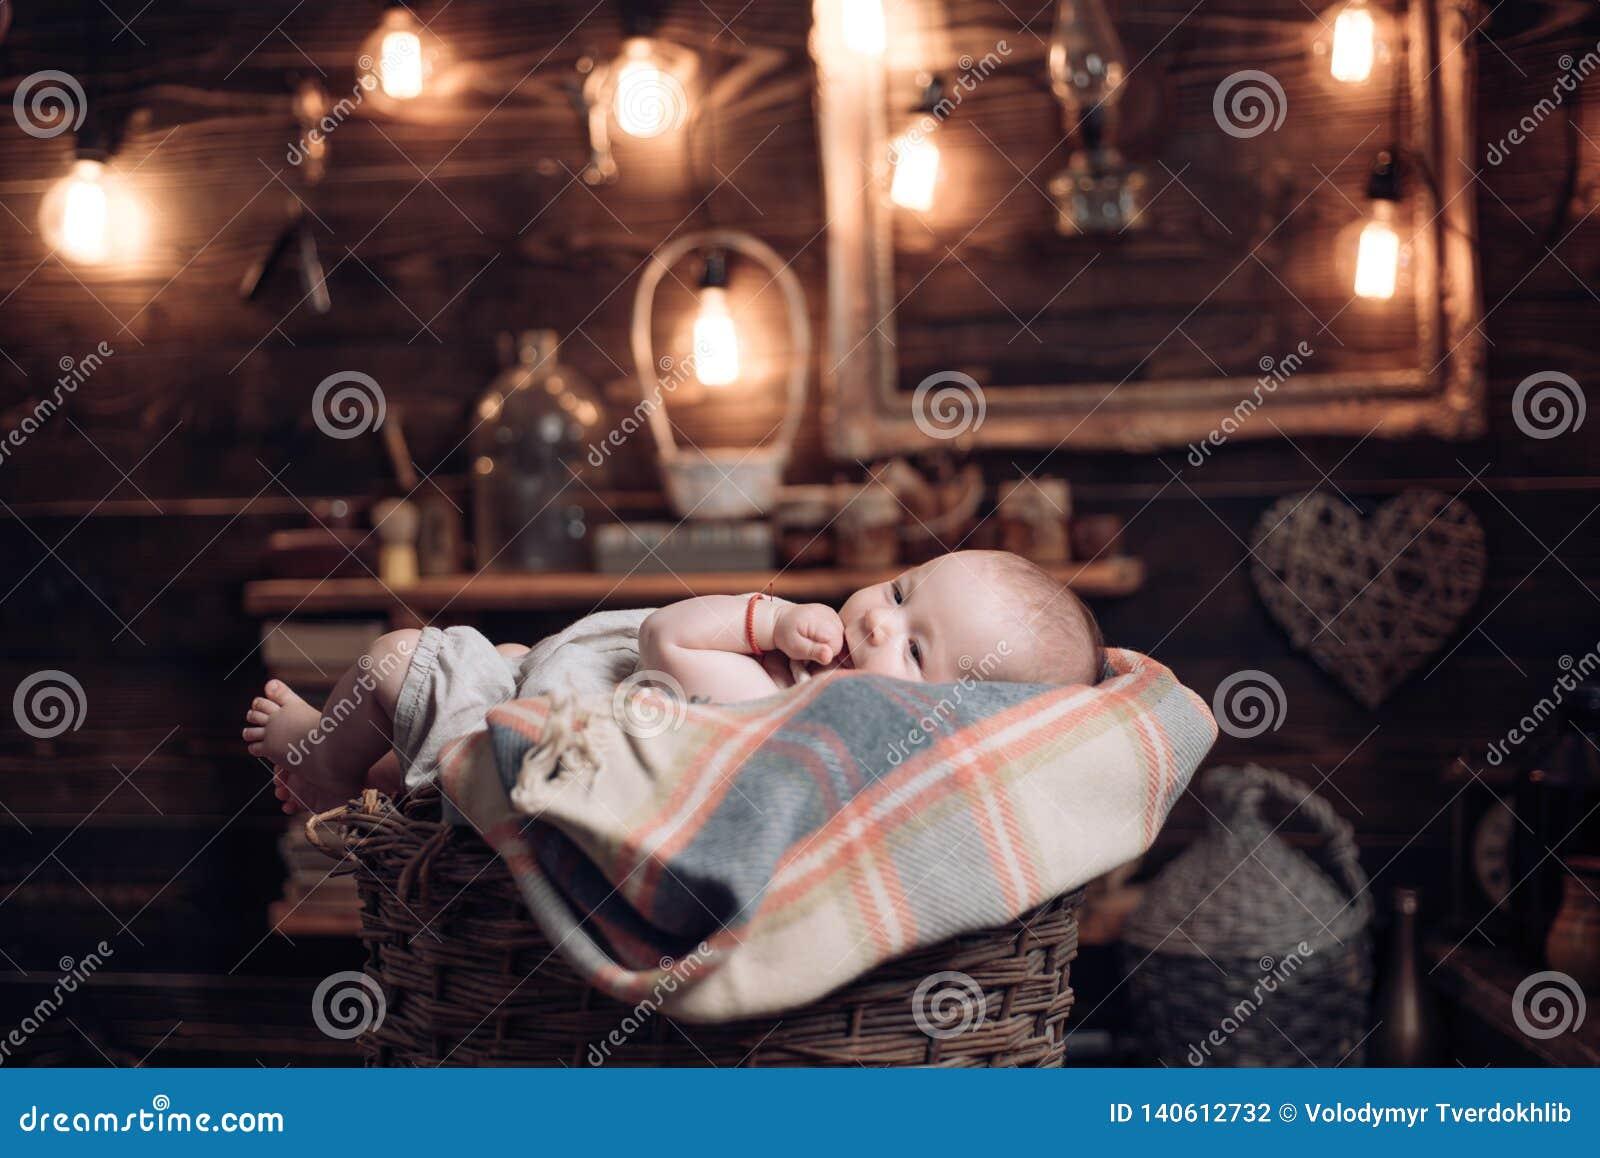 Enkel Geboren Familie Kinderverzorging De Dag van kinderen Portret van gelukkig weinig kind Klein meisje met leuk gezicht parenti